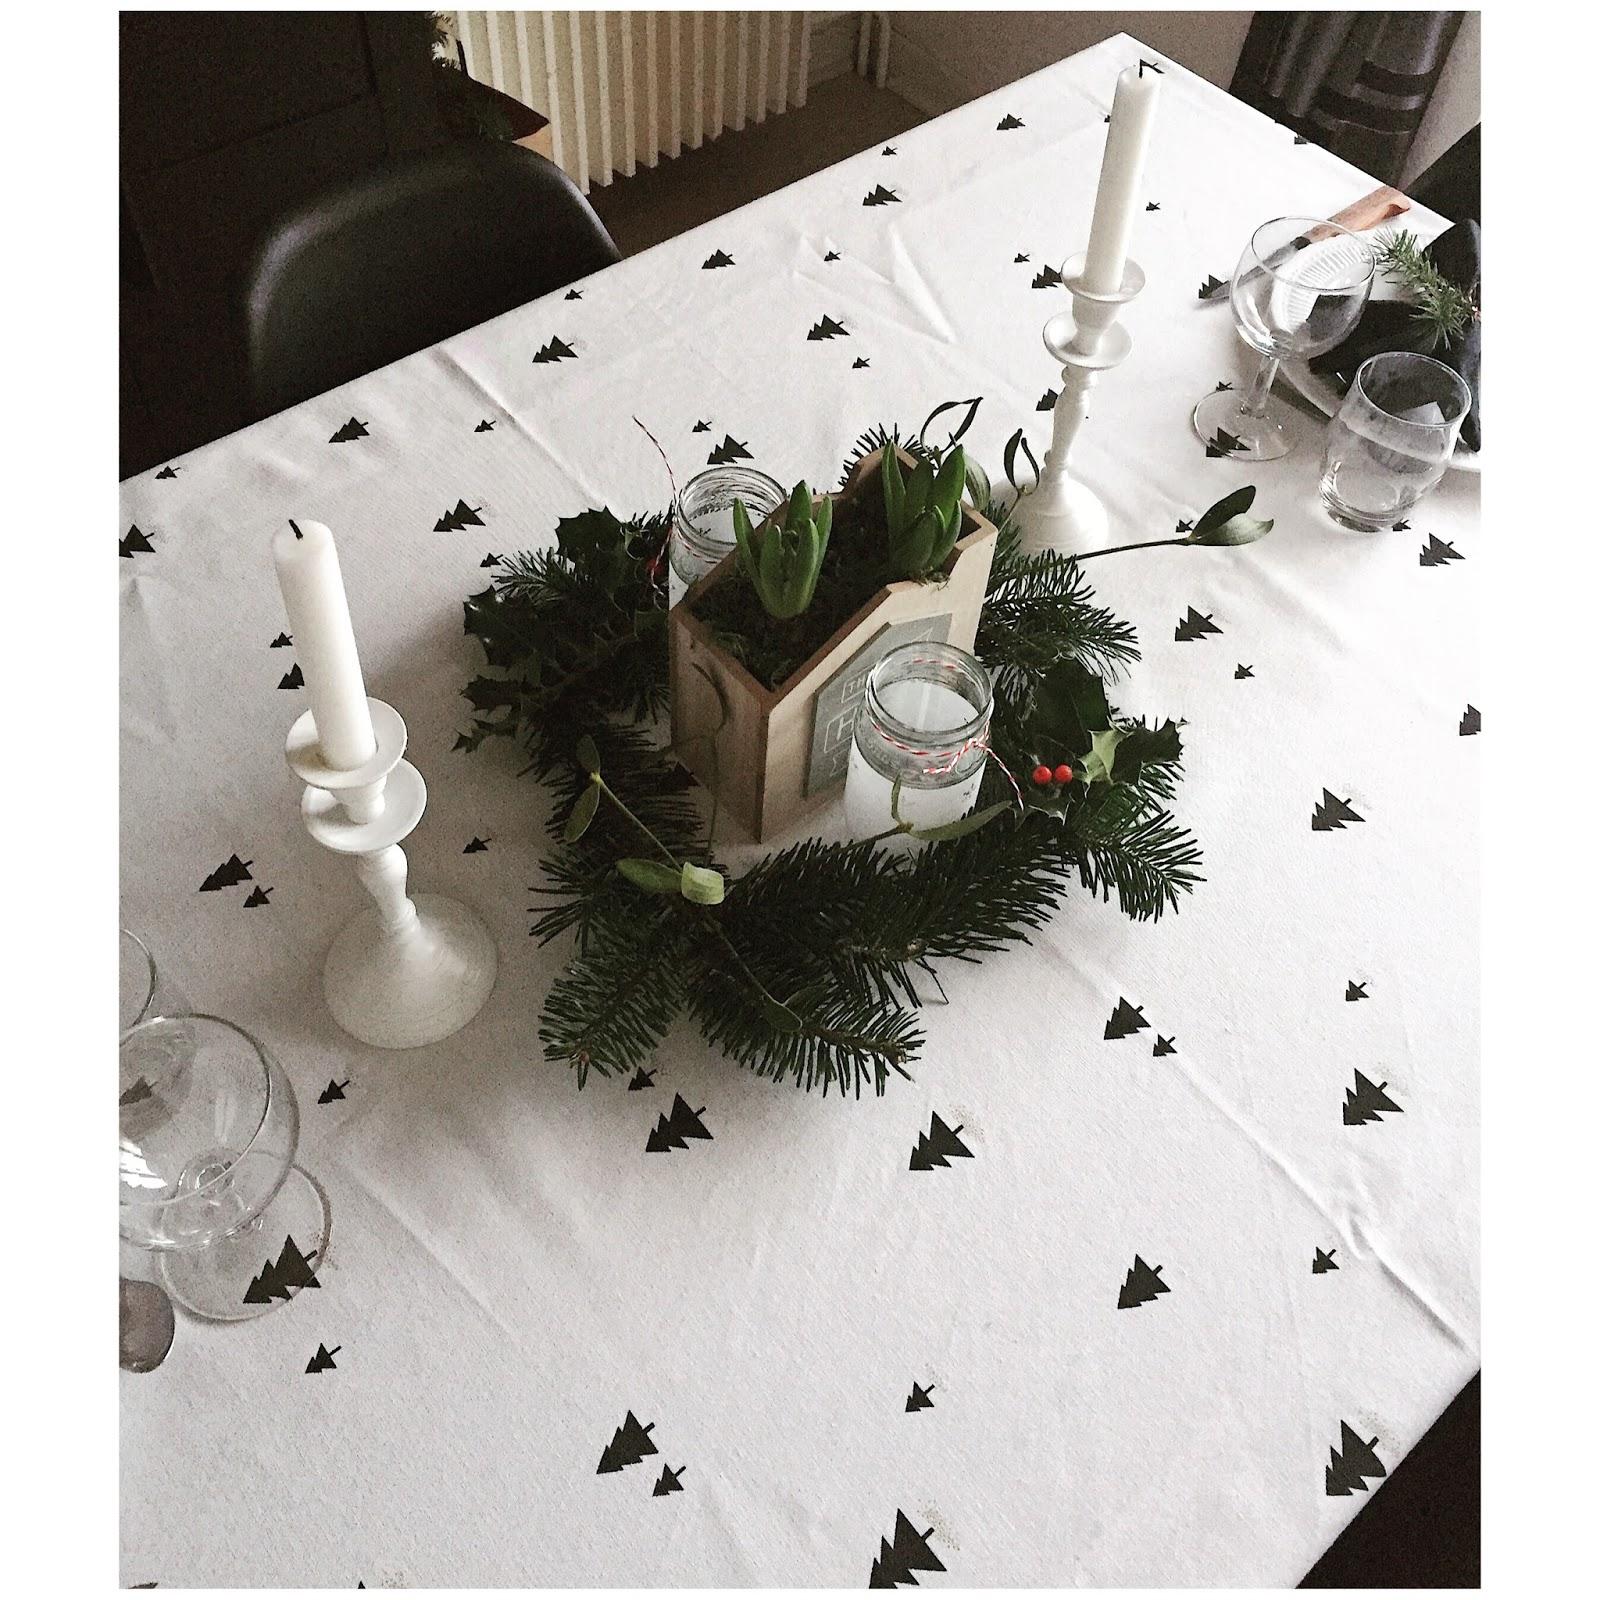 4 diy le couronne centre de table pour no l chabouclettes. Black Bedroom Furniture Sets. Home Design Ideas